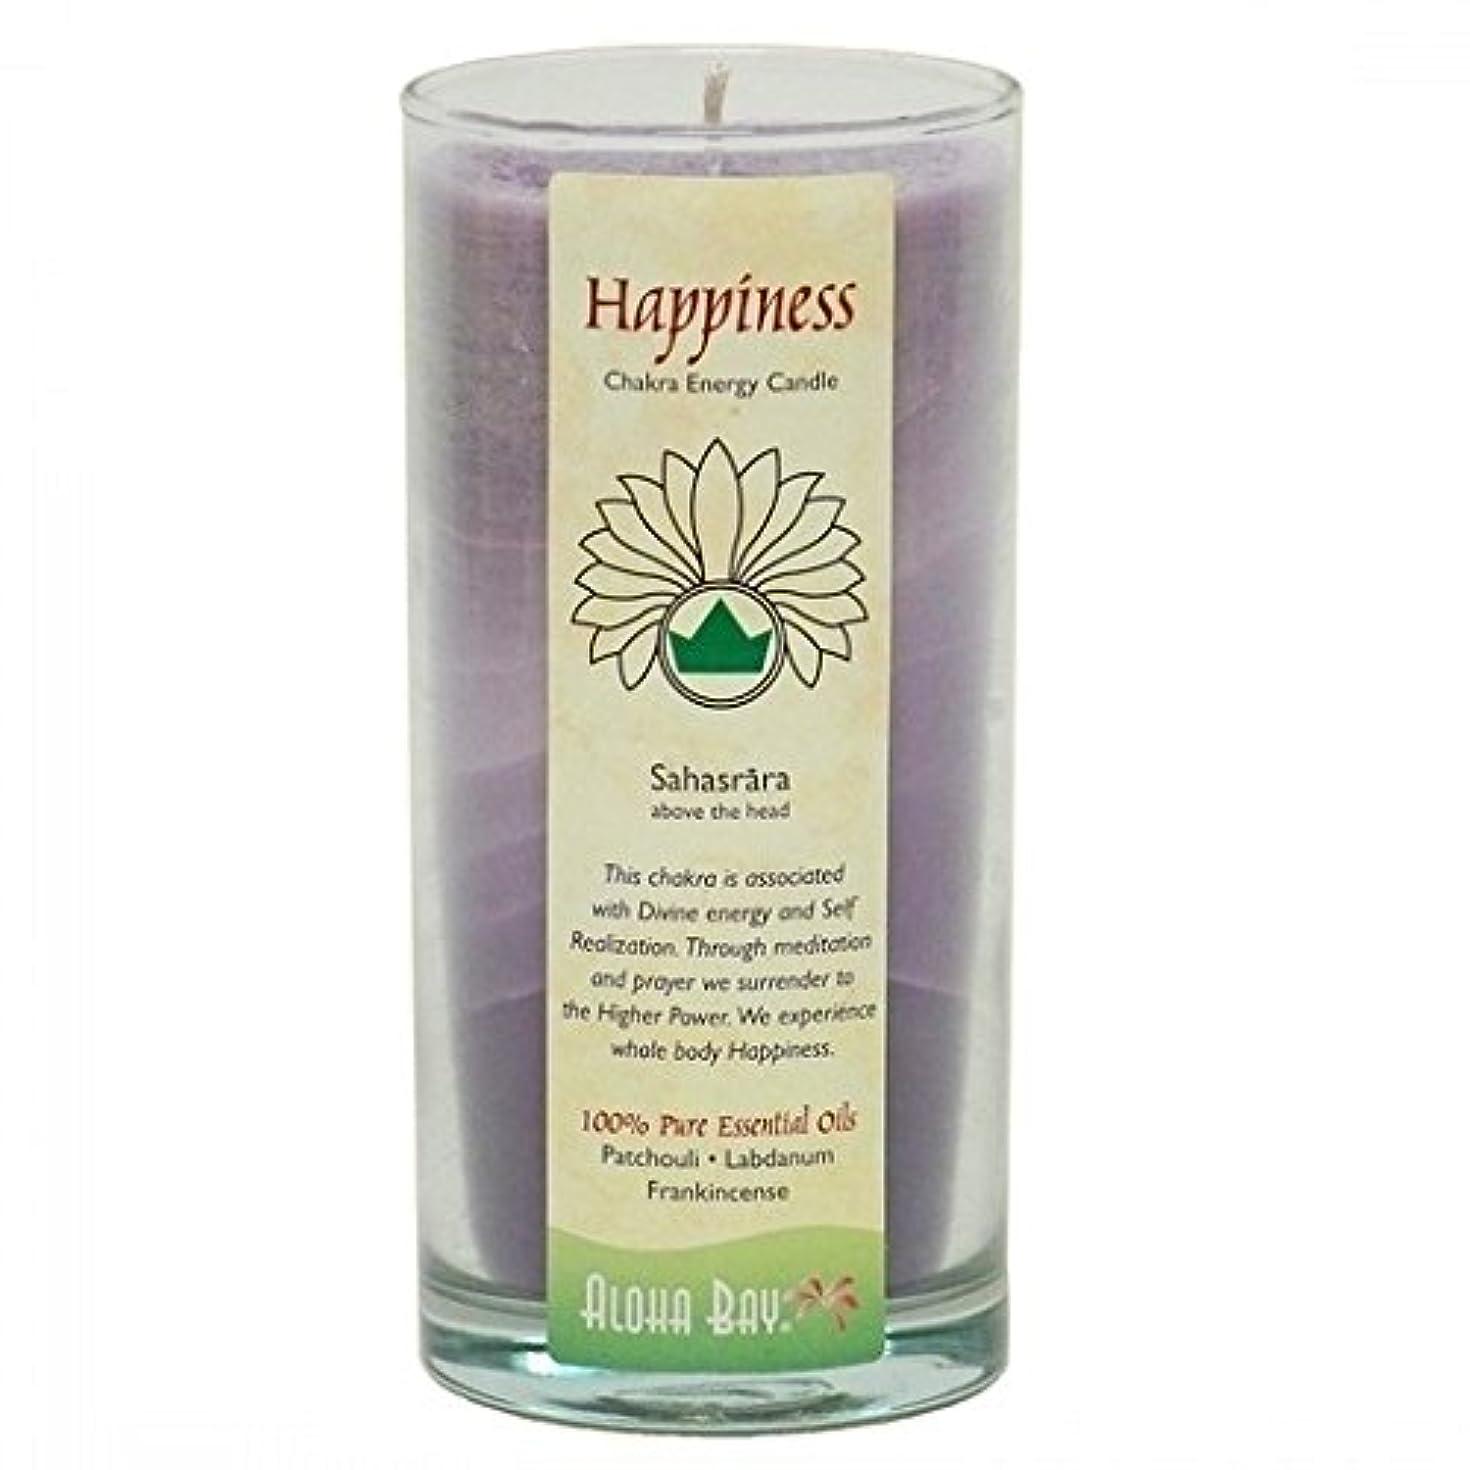 シネマ惨めなゆるく海外直送品Candle Chakra Jar, Happiness 11 oz by Aloha Bay